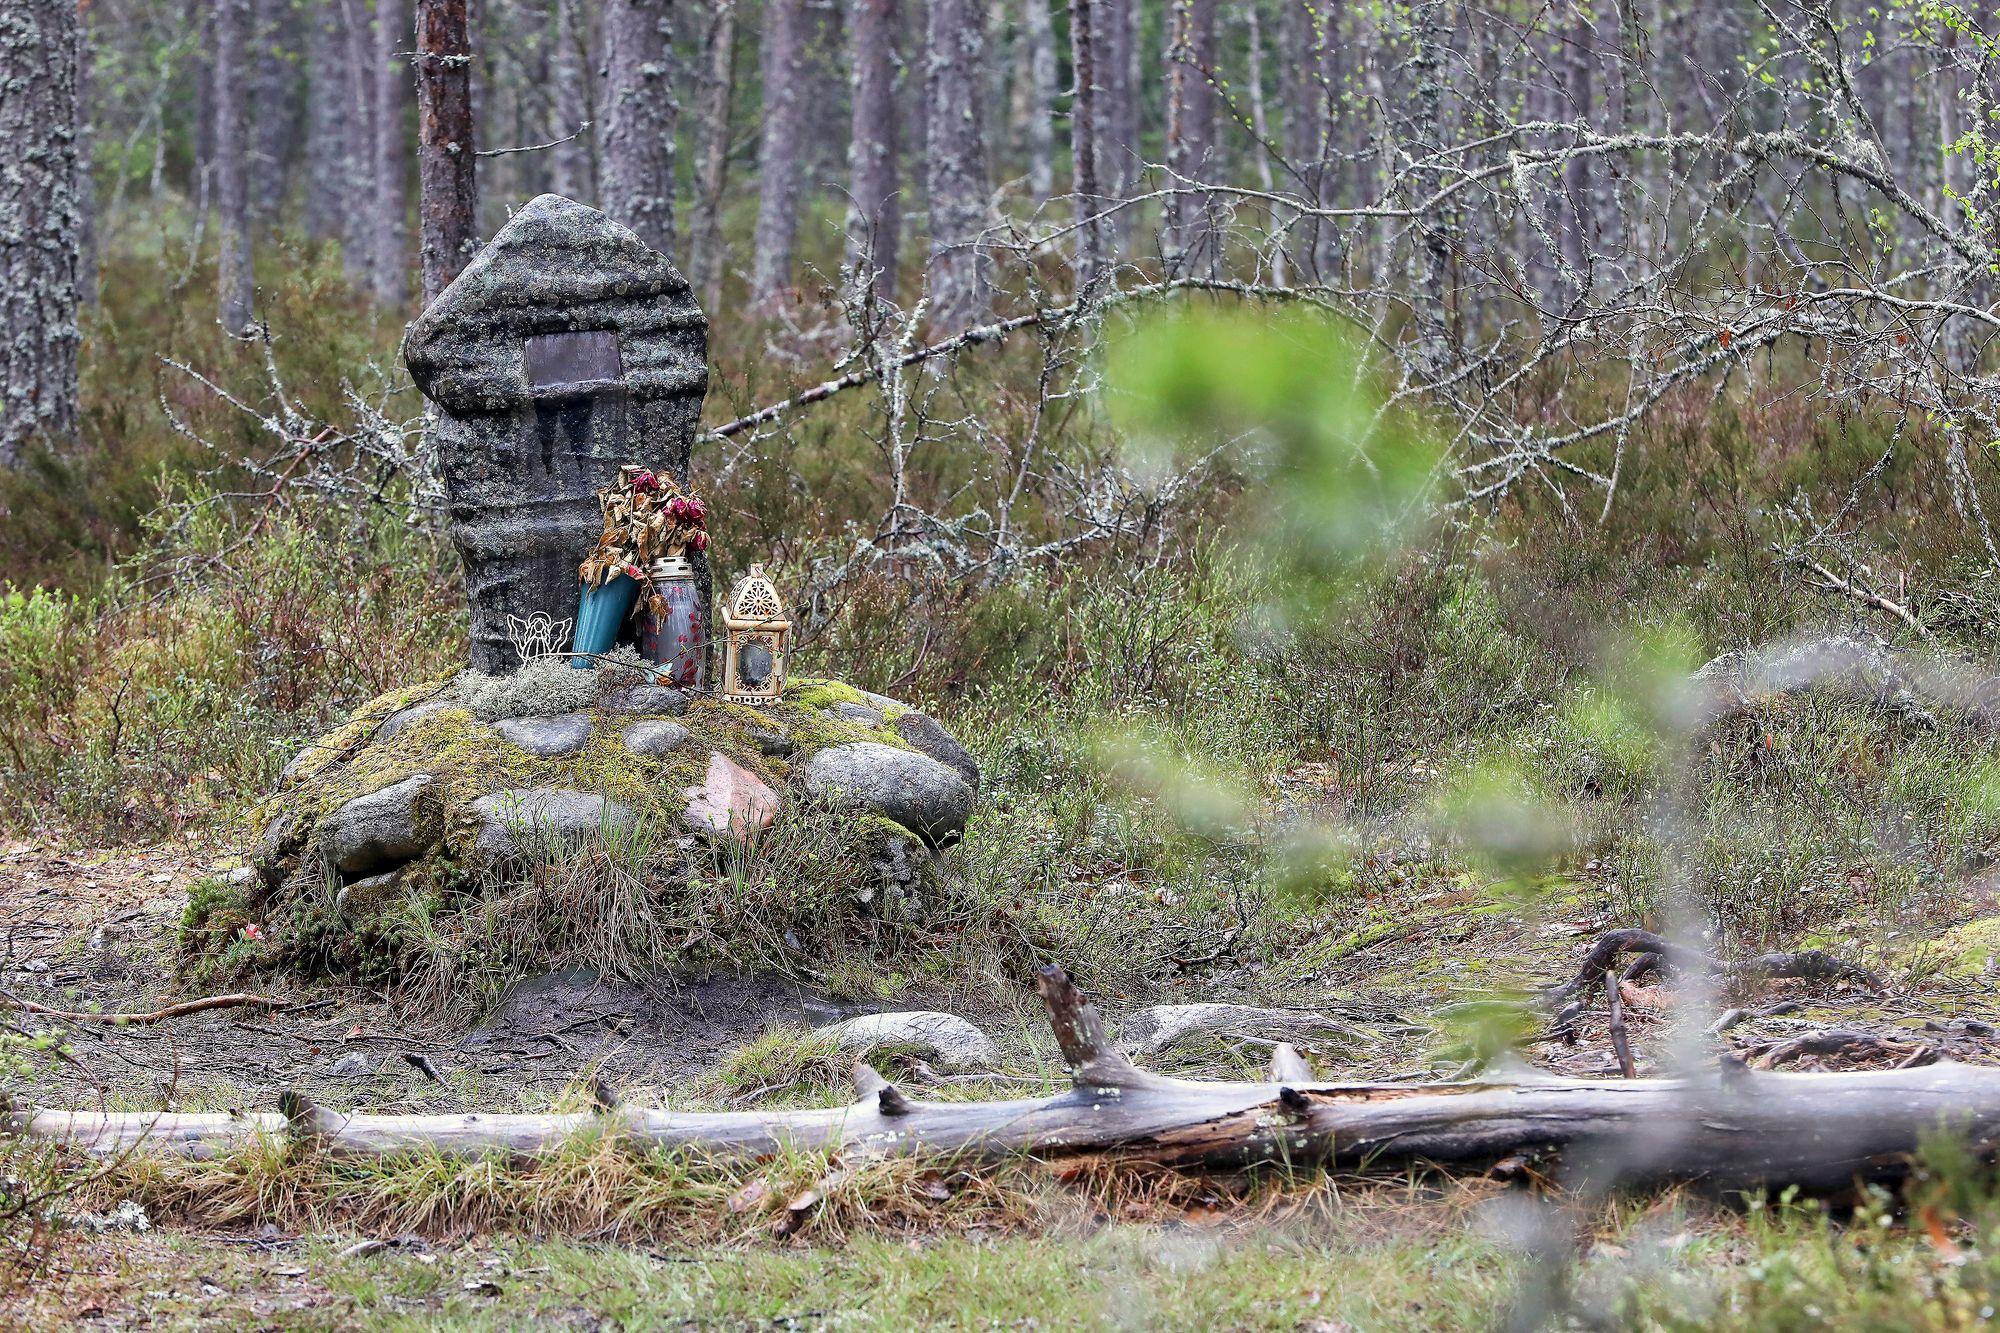 Muistomerkki sijaitsee sillä paikalla, josta Kyllikki Saaren ruumis löydettiin. © Jussi Partanen